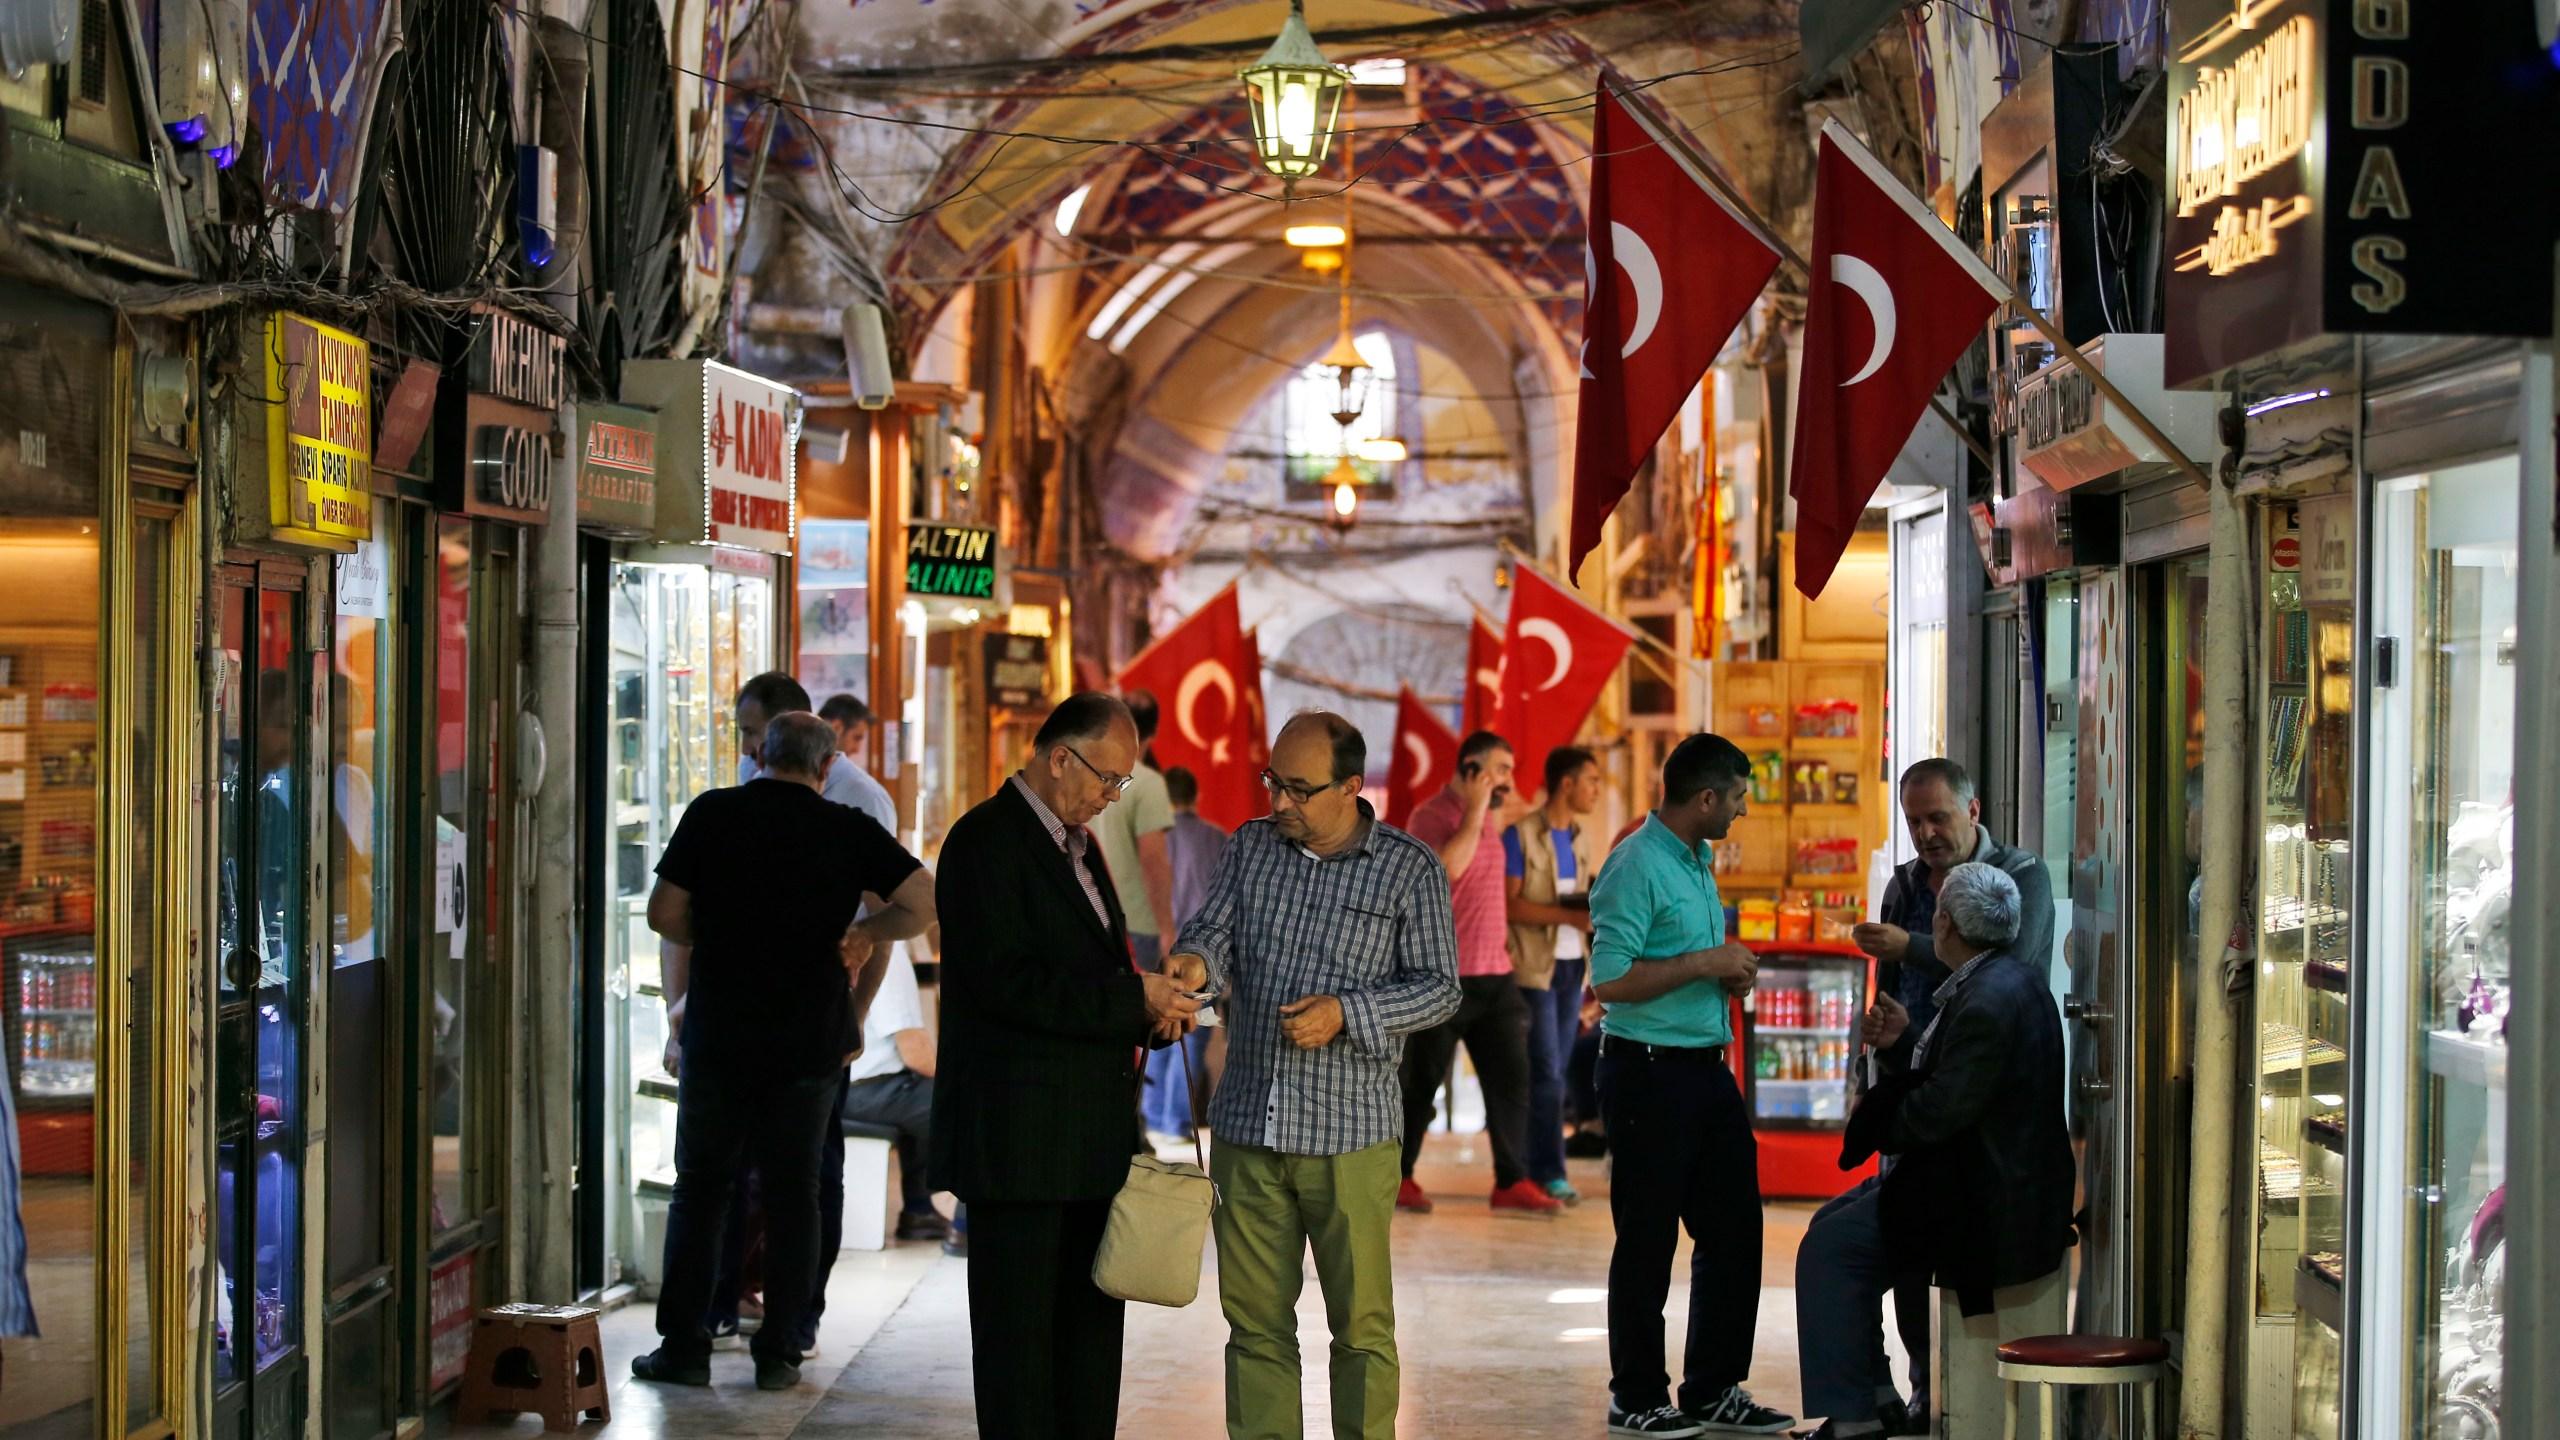 Turkey_Economy_72691-159532.jpg61675046